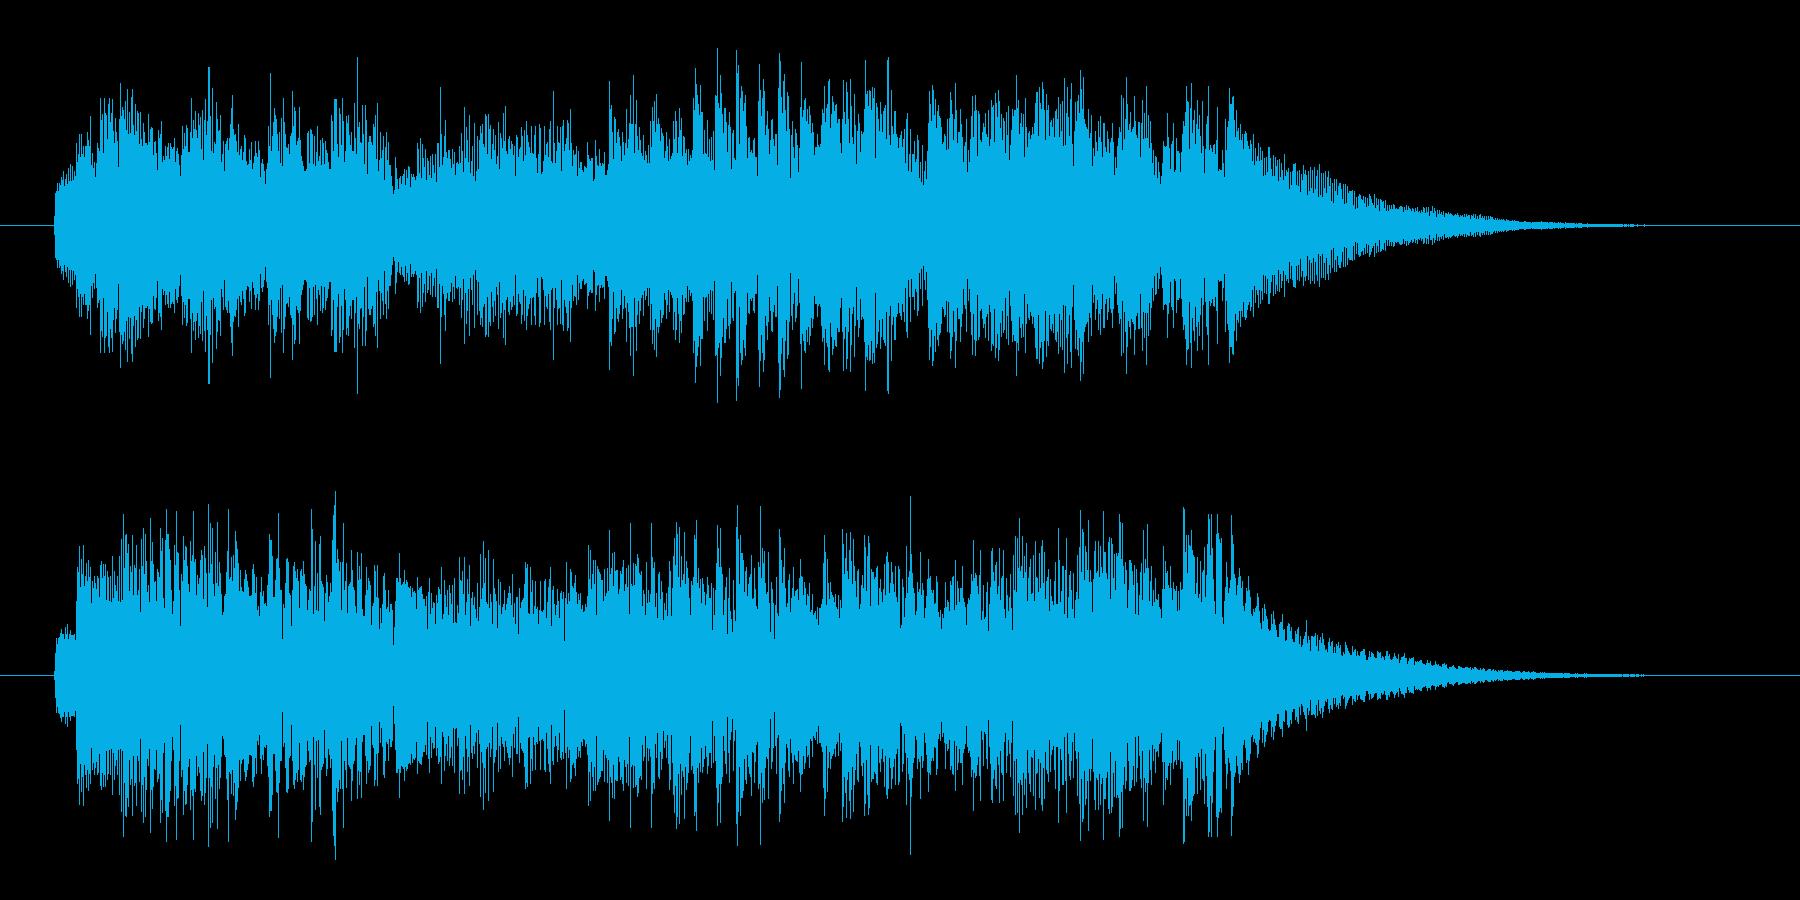 切なく、秘密めいた雰囲気のピアノジングルの再生済みの波形